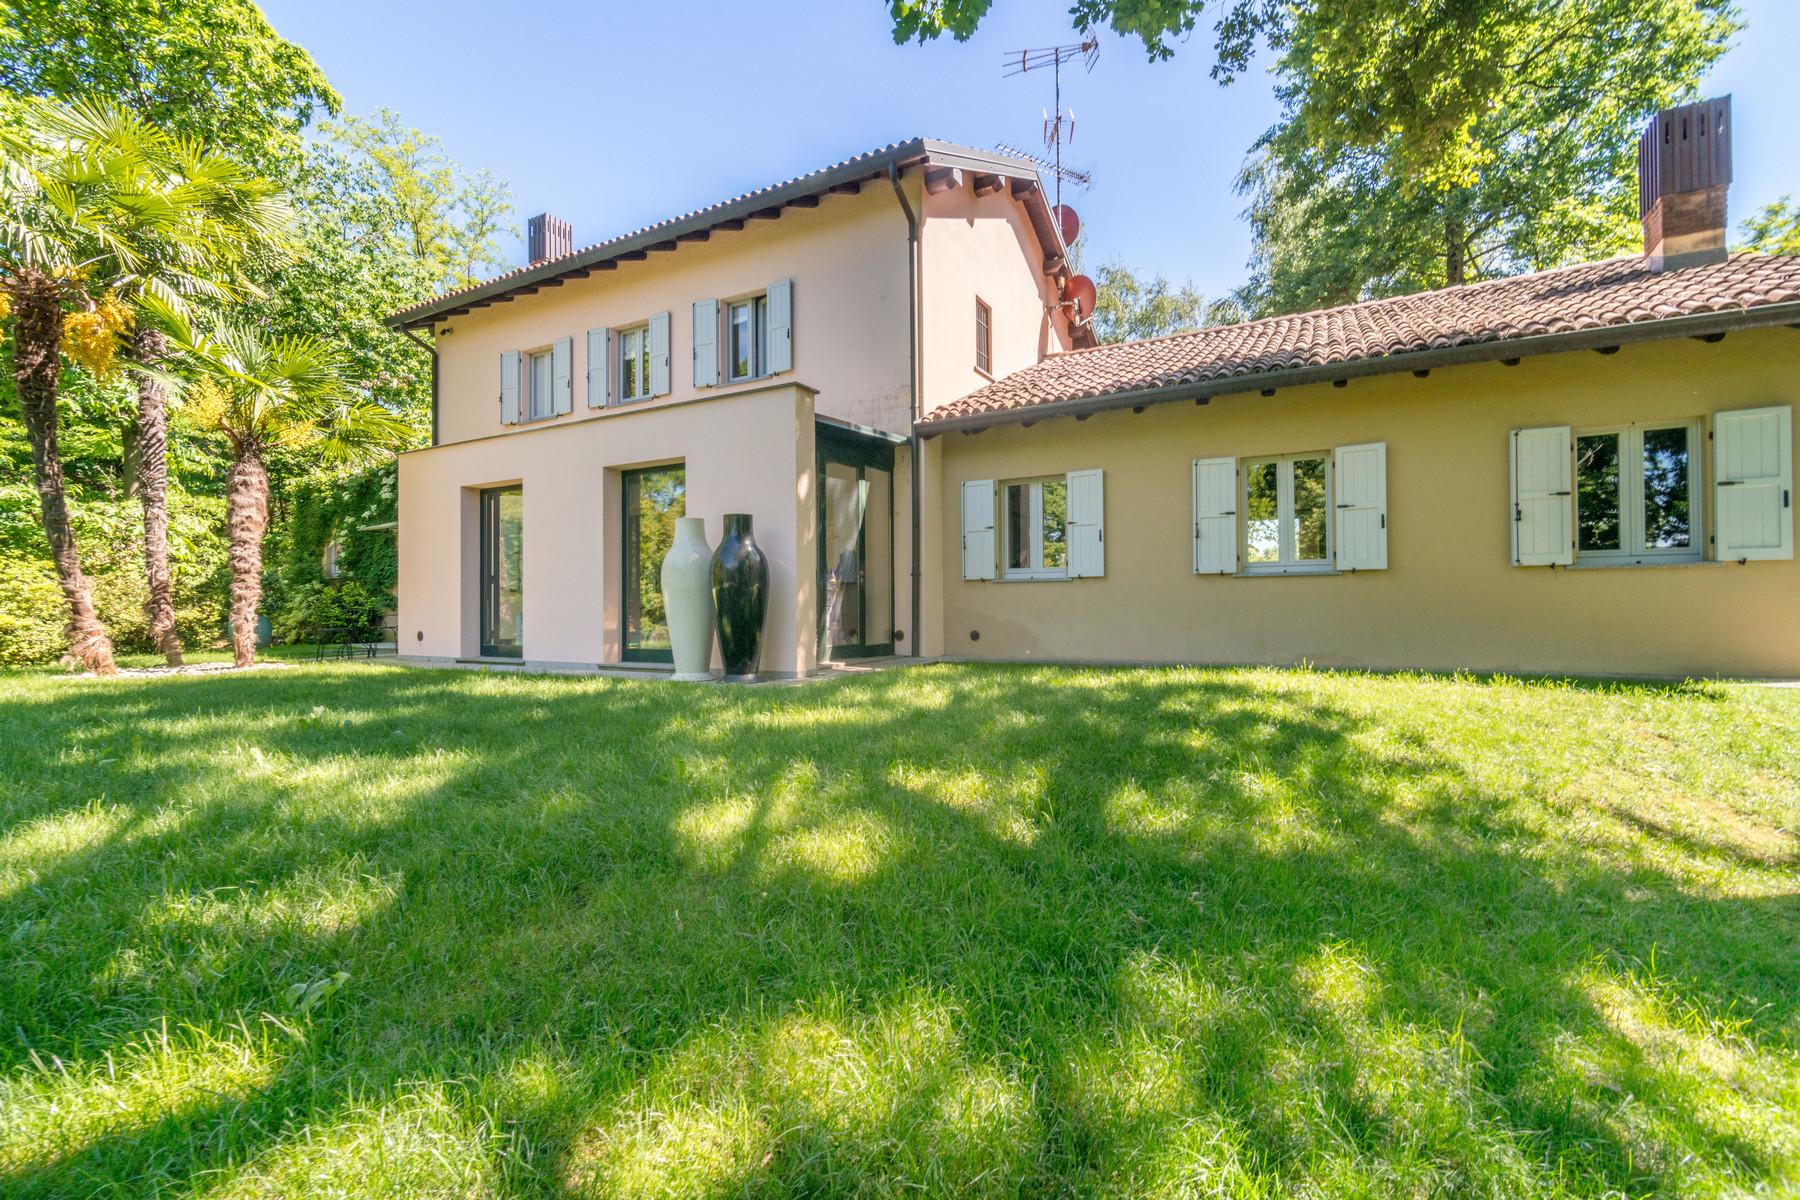 Moderna villa di campagna con immenso giardino verde